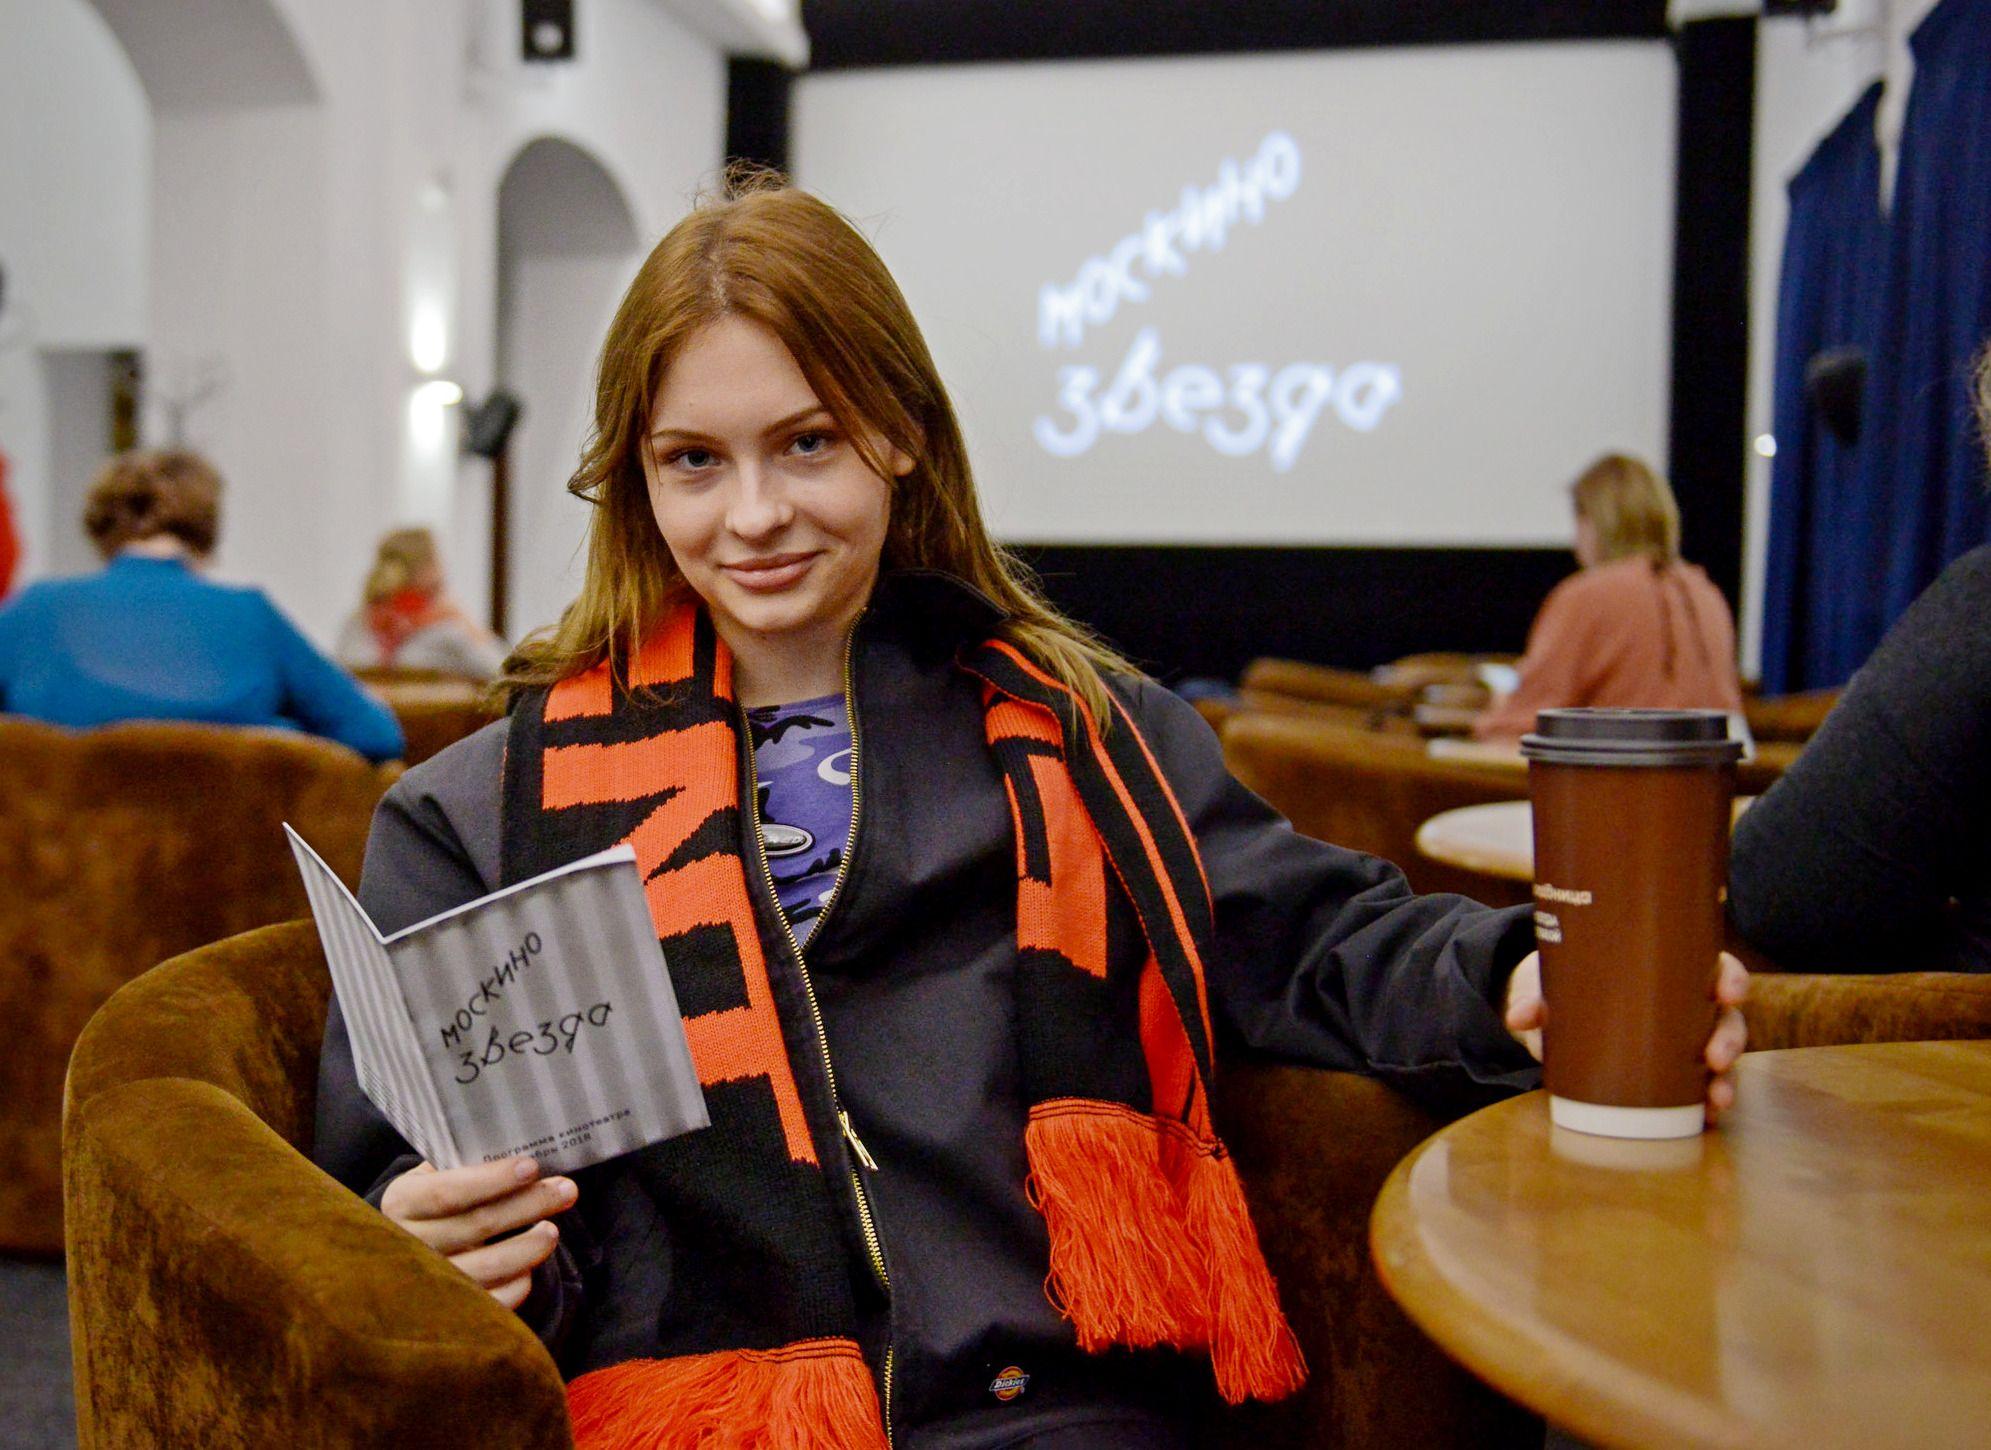 На юго-востоке Москвы пройдут бесплатные показы фильмов Татьяны Лиозновой